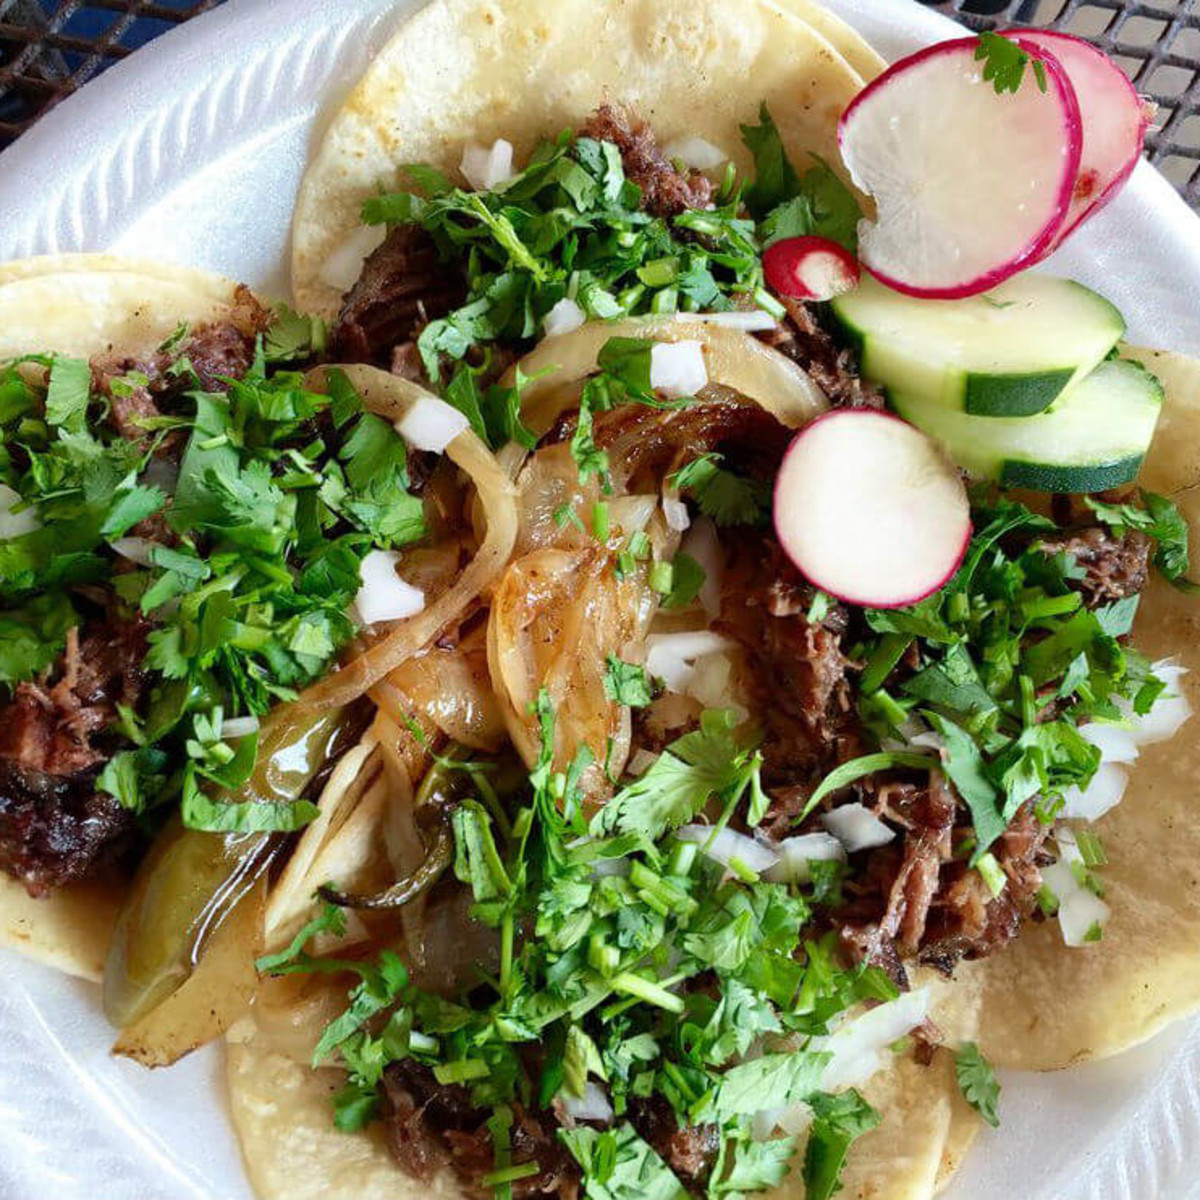 Erick's Tacos barbacoa mini taco plate